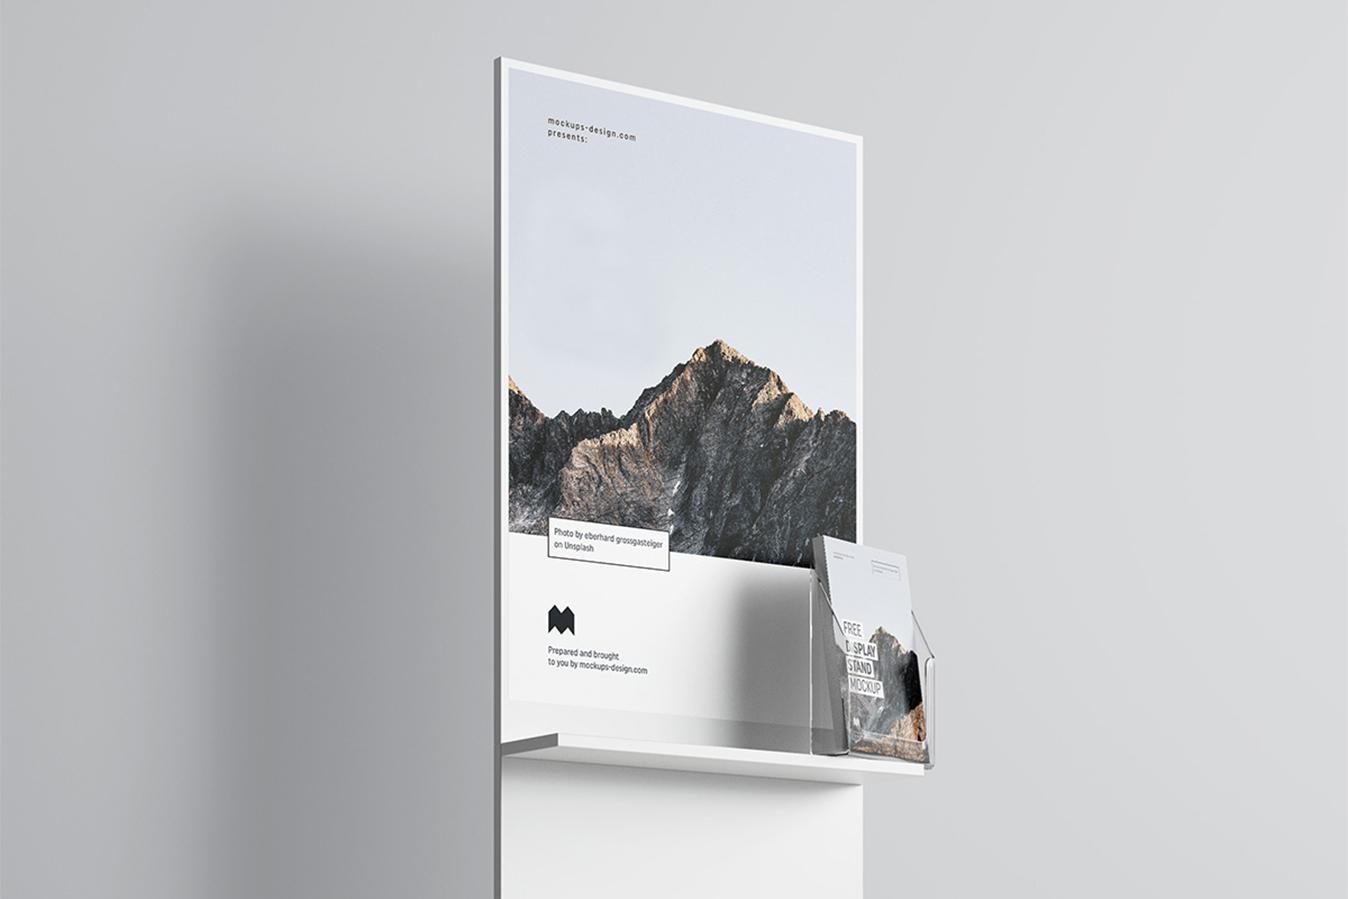 meuble-1348X899